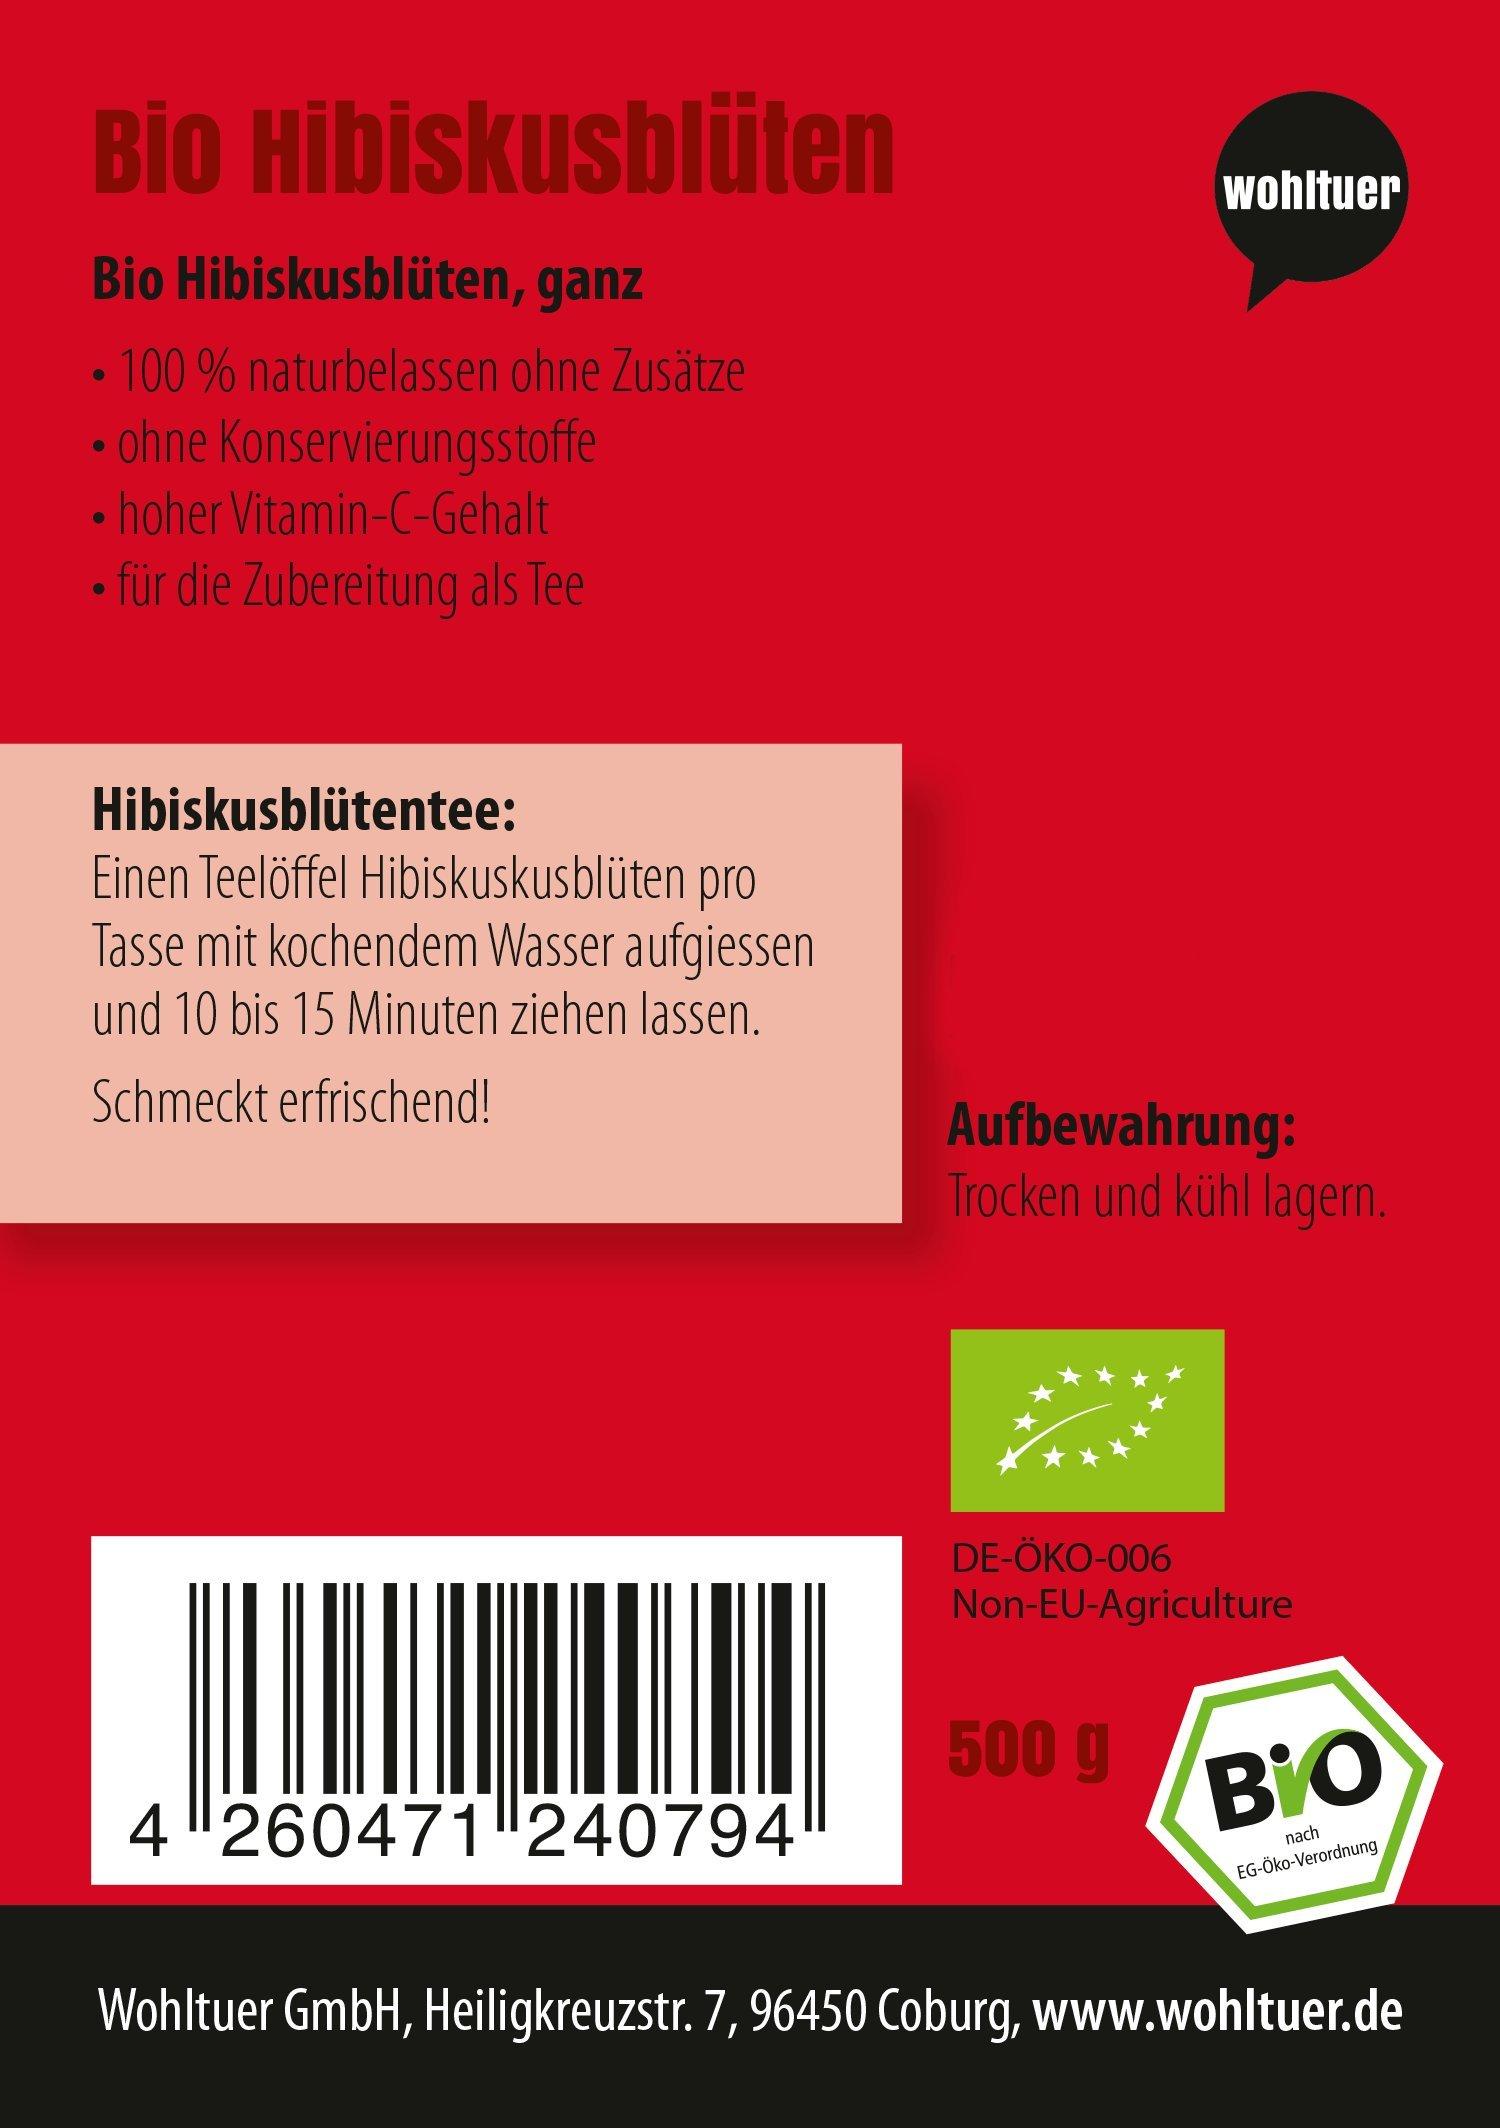 Wohltuer-Bio-Hibiskusblten-500g-I-Fair-gehandelt-Ganze-Hibiskusblten-aus-gypten-I-Natur-pur-Ohne-Zusatzstoffe-I-Fr-Hibiskusblten-Tee-I-Abgefllt-und-kontrolliert-in-Deutschland-DE-KO-006